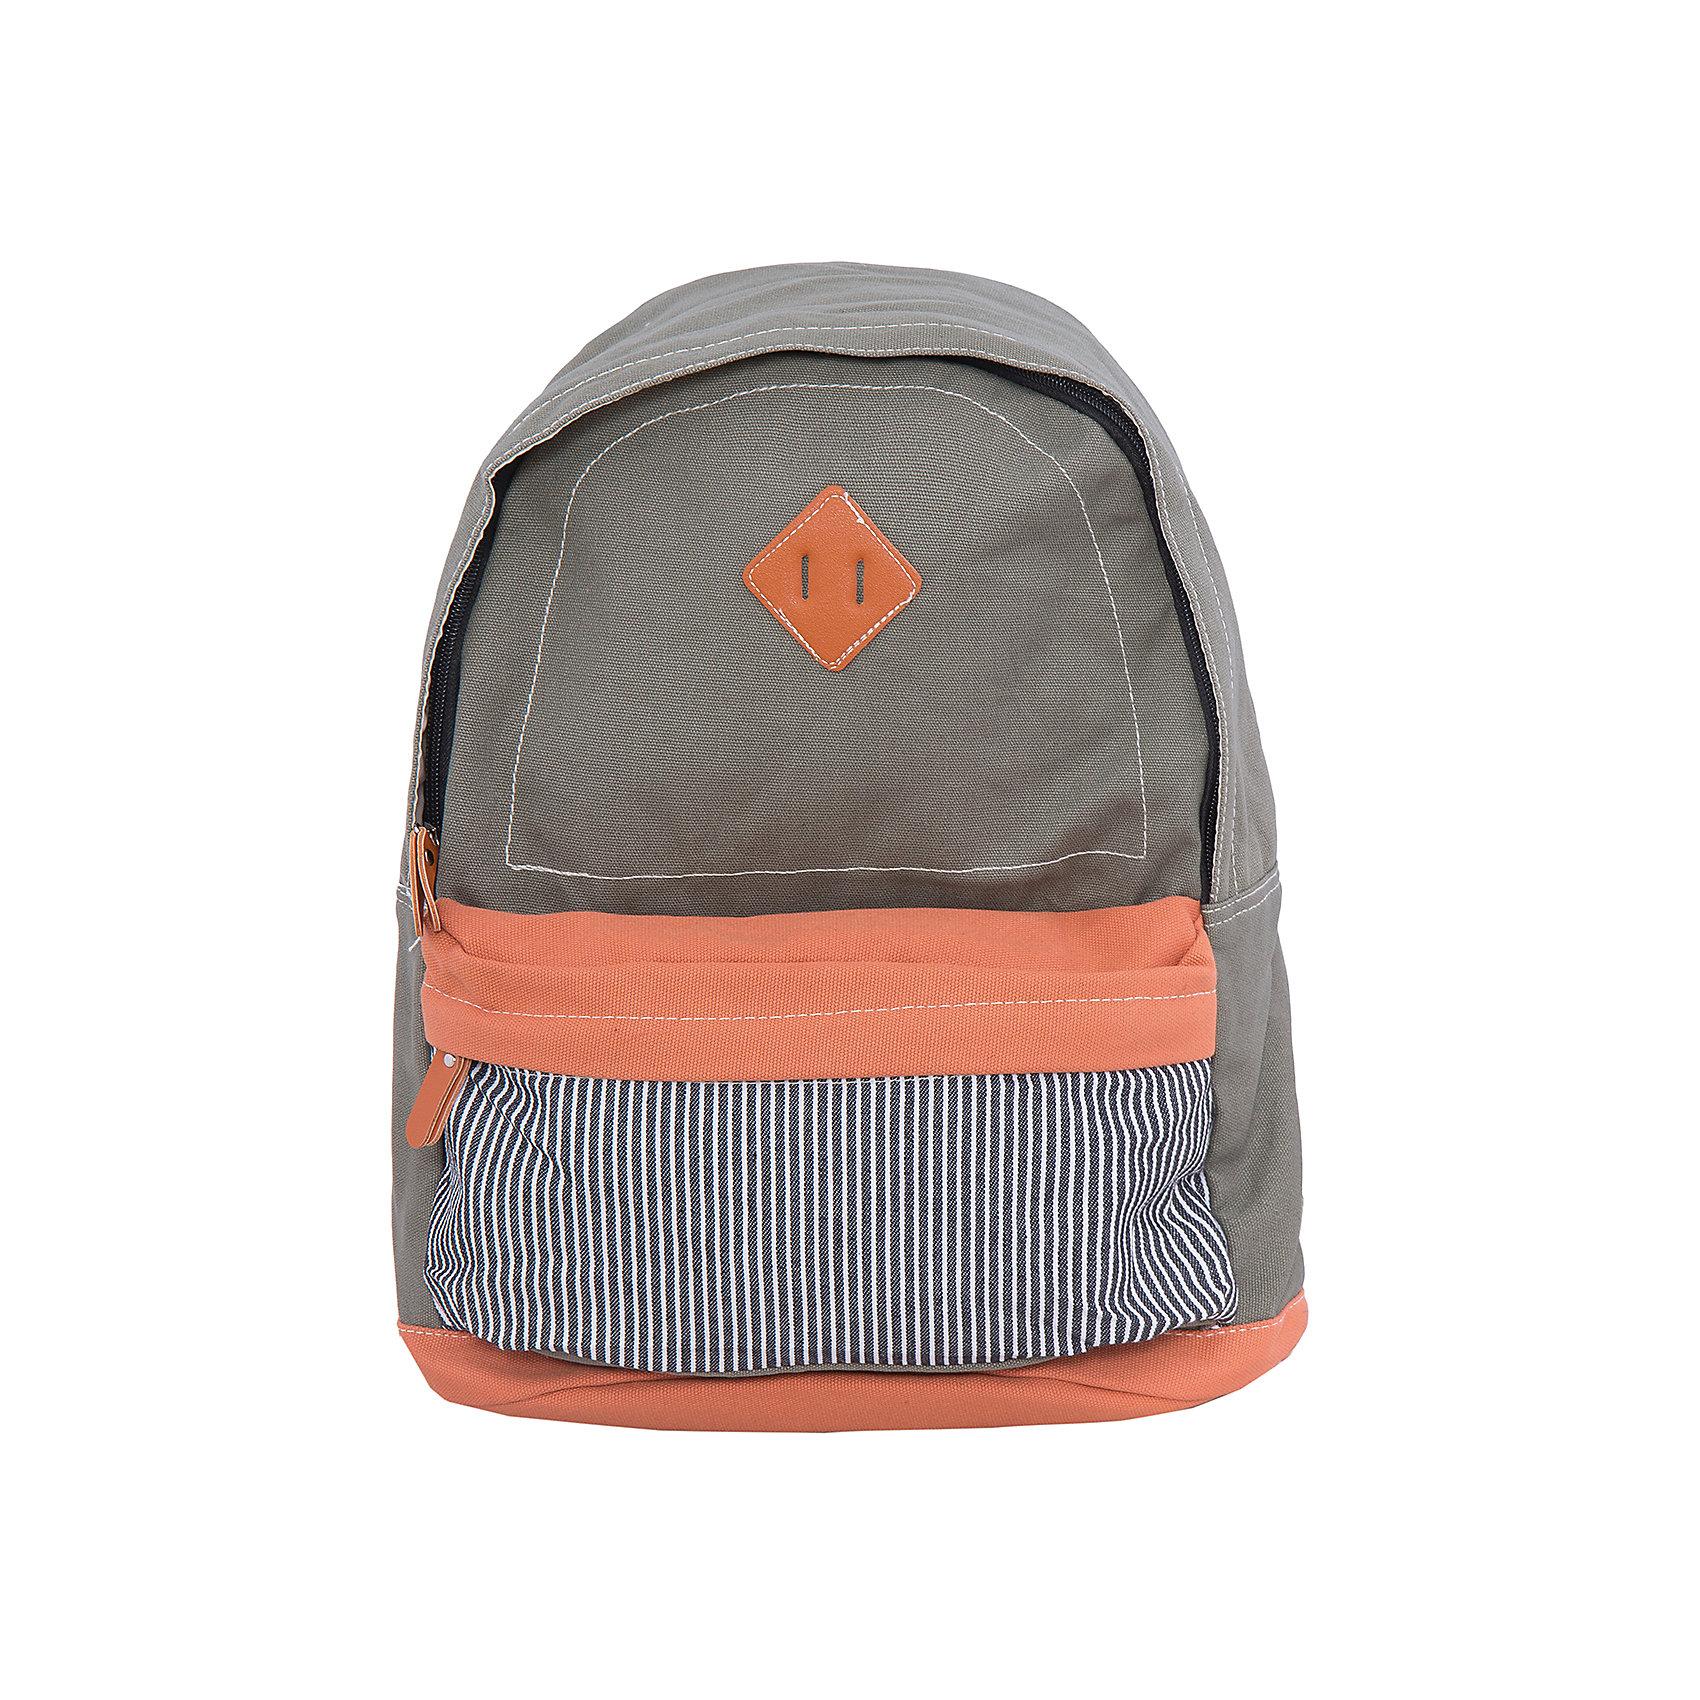 Спортивный рюкзакСпортивный рюкзак, CENTRUM (Центрум) ? рюкзак отечественного бренда молодежной серии. Новинки от Центрум молодежной серии выполнены из хлопка, отличаются легким весом. <br>Внутреннее устройство рюкзака состоит из одного вместительного отсека, большого объемного наружного кармана на передней спинке. Эргономичность рюкзака обеспечивается уплотненной спинкой и широкими регулируемыми лямками. Для удобства переноса рюкзака в руках имеется  ручка-петля. <br>Рюкзак выполнен в лаконичном дизайне: цвет слоновой кости с оранжевой окантовкой по дну рюкзака и верхнему краю кармана, сам карман в полосочку.<br>Спортивный рюкзак, CENTRUM (Центрум) ? это многофункциональность, качество и удобство использования. <br><br>Дополнительная информация:<br><br>- Вес: 480 г<br>- Габариты (Д*Г*В): 31*17*47 см<br>- Цвет: цвет слоновой кости, оранжевый, белый<br>- Материал: хлопок<br>- Сезон: круглый год<br>- Коллекция: молодежная<br>- Пол: женский<br>- Предназначение: для школы, для занятий спортом, для путешествий <br>- Особенности ухода: можно чистить влажной щеткой или губкой, допускается ручная стирка <br><br>Подробнее:<br><br>• Для детей в возрасте: от 12 лет <br>• Страна производитель: Китай<br>• Торговый бренд: CENTRUM<br><br>Спортивный рюкзак, CENTRUM (Центрум) можно купить в нашем интернет-магазине.<br><br>Ширина мм: 310<br>Глубина мм: 170<br>Высота мм: 470<br>Вес г: 480<br>Возраст от месяцев: 36<br>Возраст до месяцев: 120<br>Пол: Унисекс<br>Возраст: Детский<br>SKU: 4865235